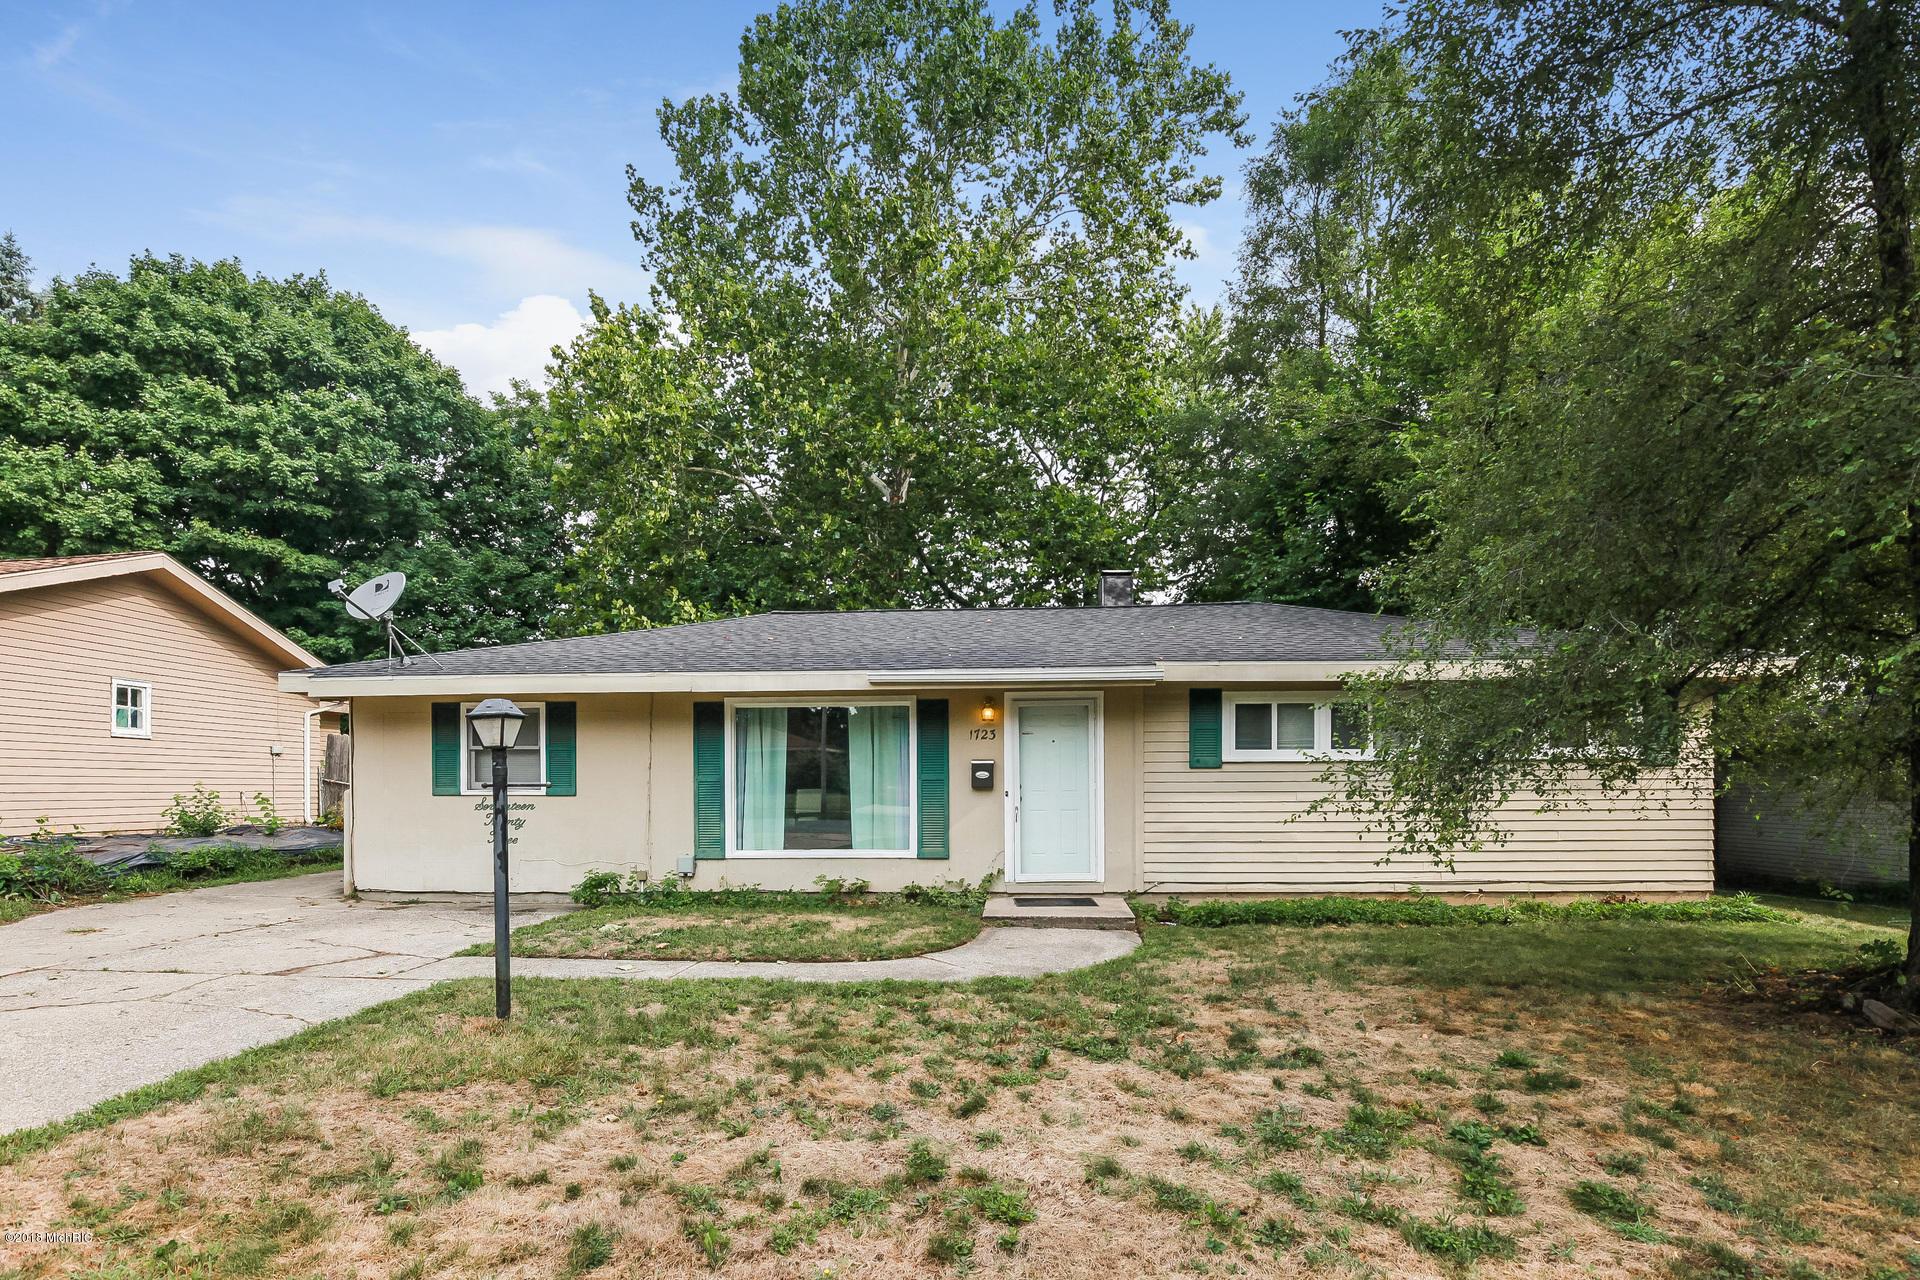 1723 Matilda Street NE, Grand Rapids, MI 49503